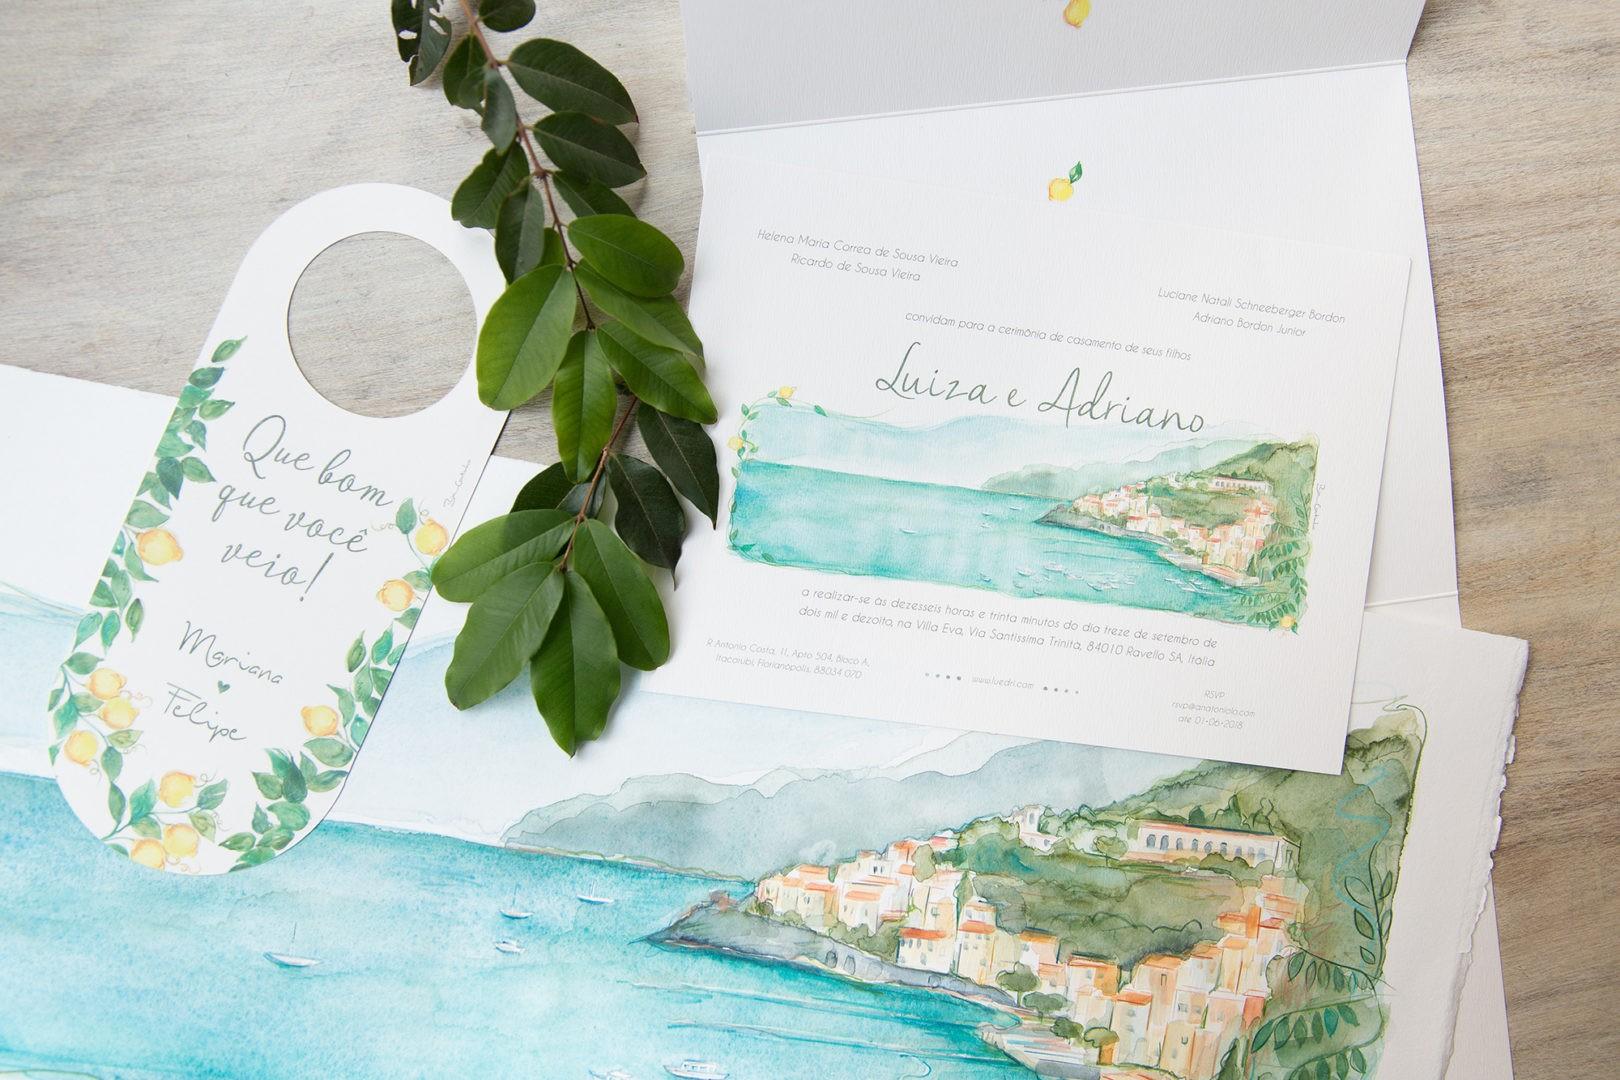 convite e papelaria aquartelada personalizada para casamento